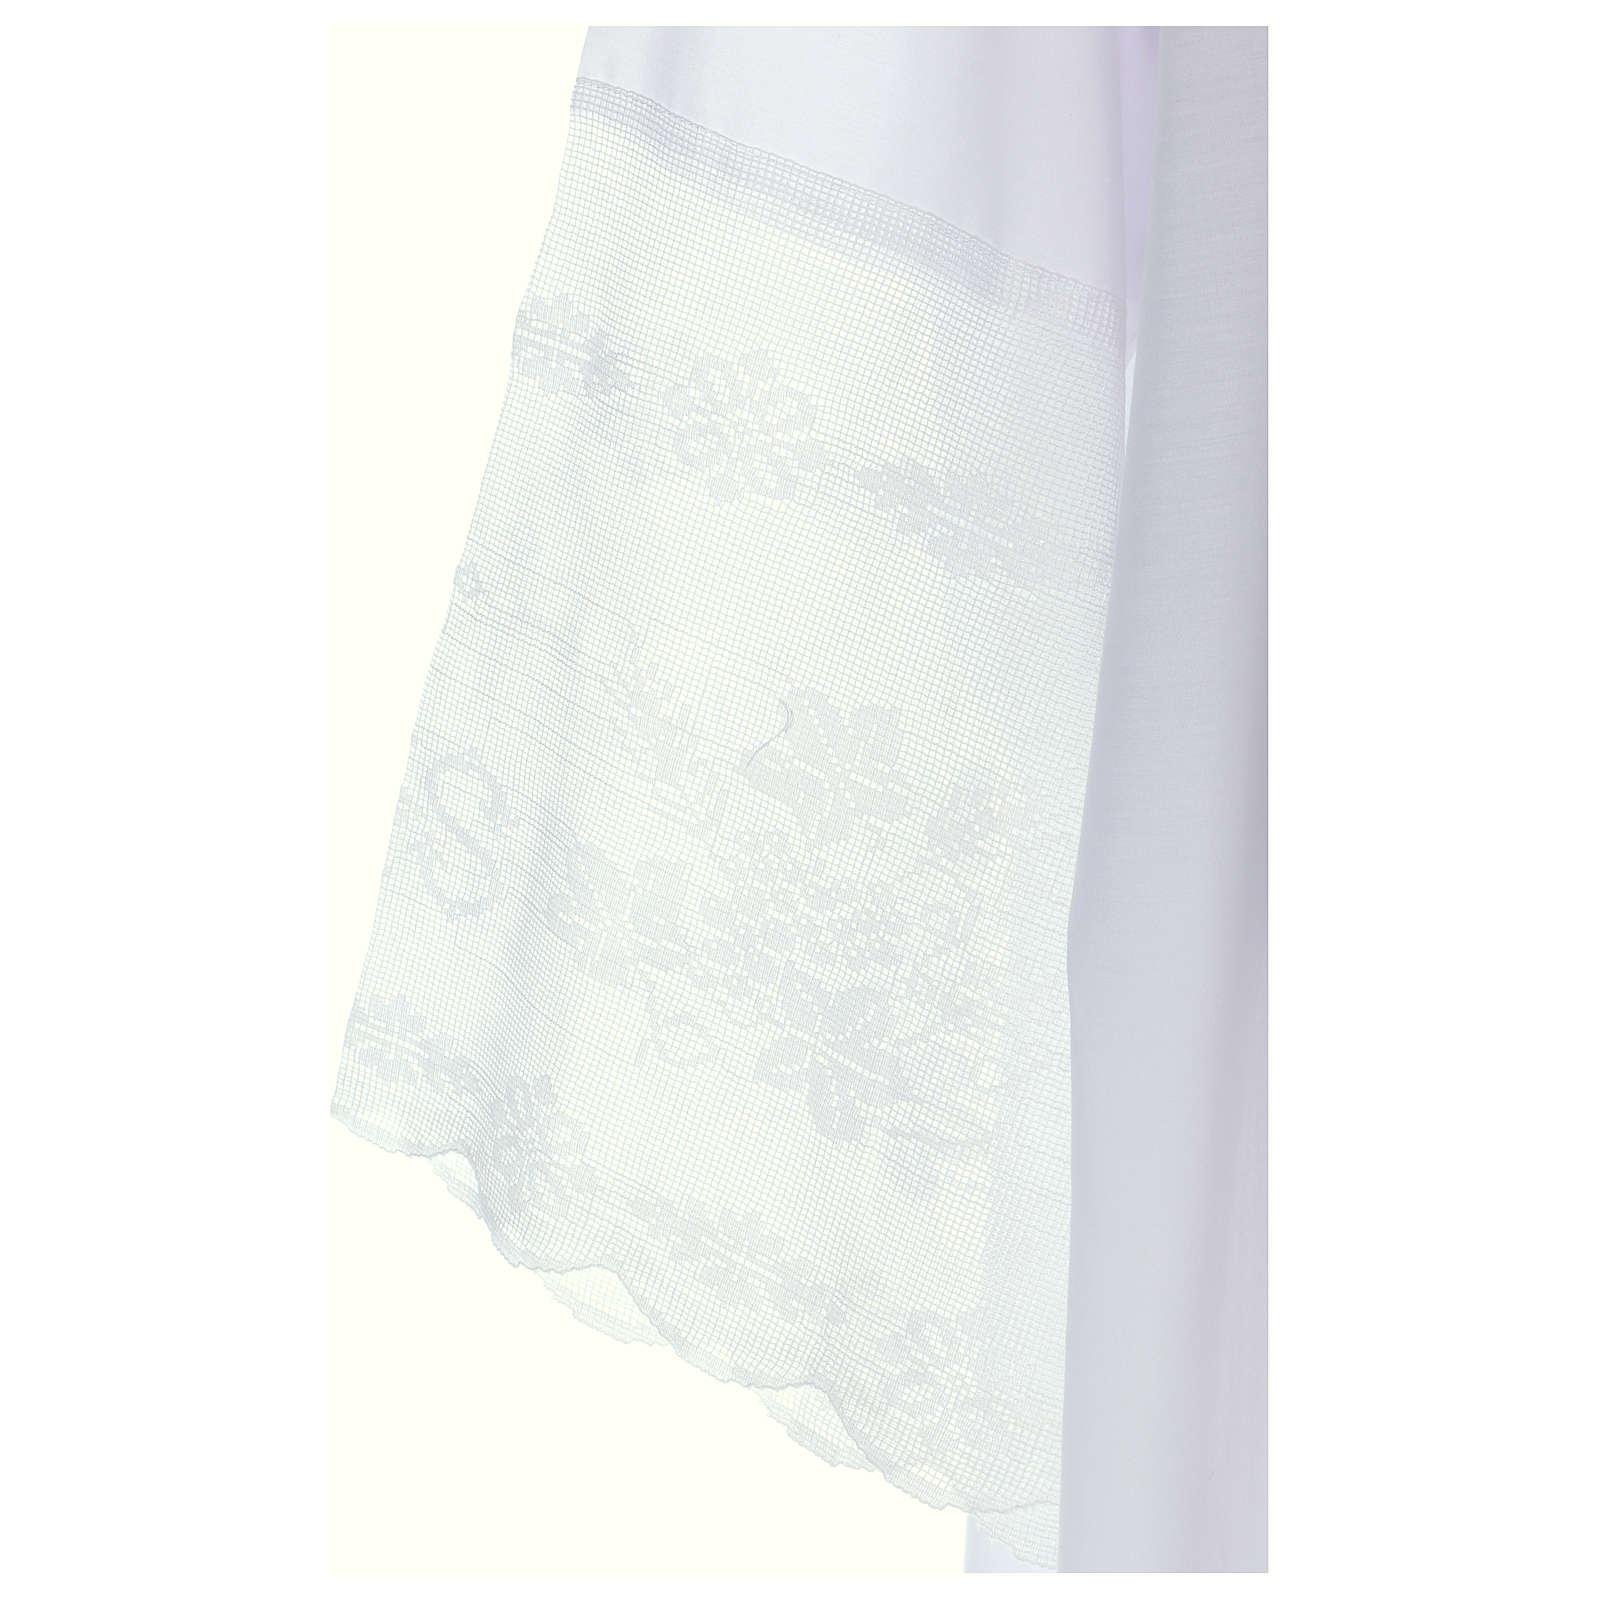 Alba tejido mixto algodón cuello cuadrado y encaje 4